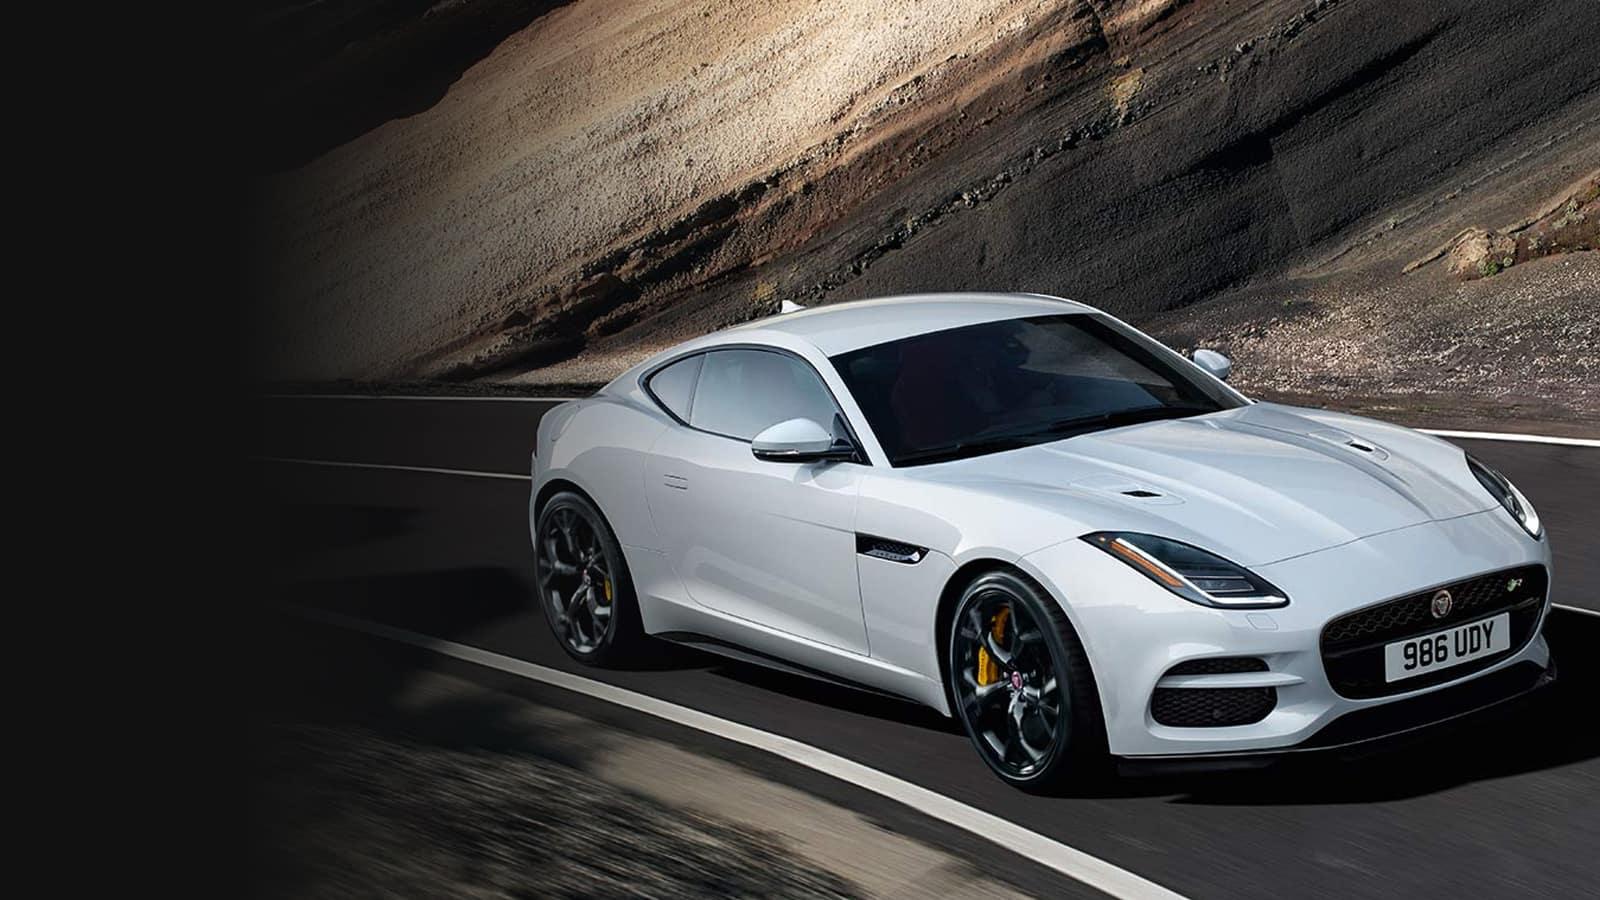 Jaguar >> Luxury Car And Suv Dealer In Wayne Pa Jaguar Main Line